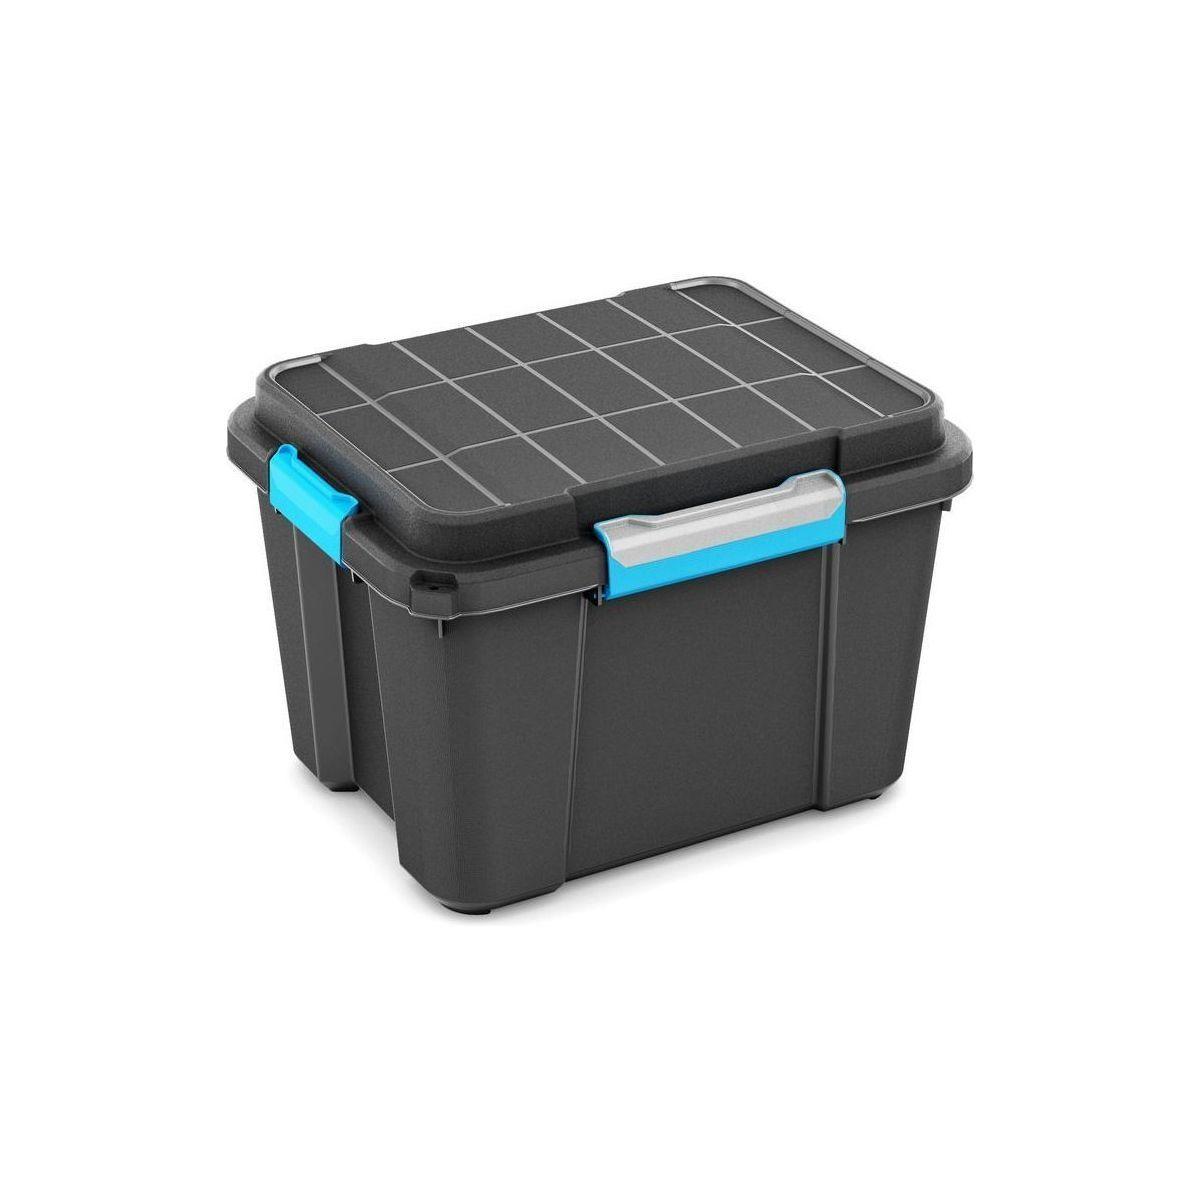 KIS Plastový úložný box - Scuba Box M, 43 L, modré zavírání